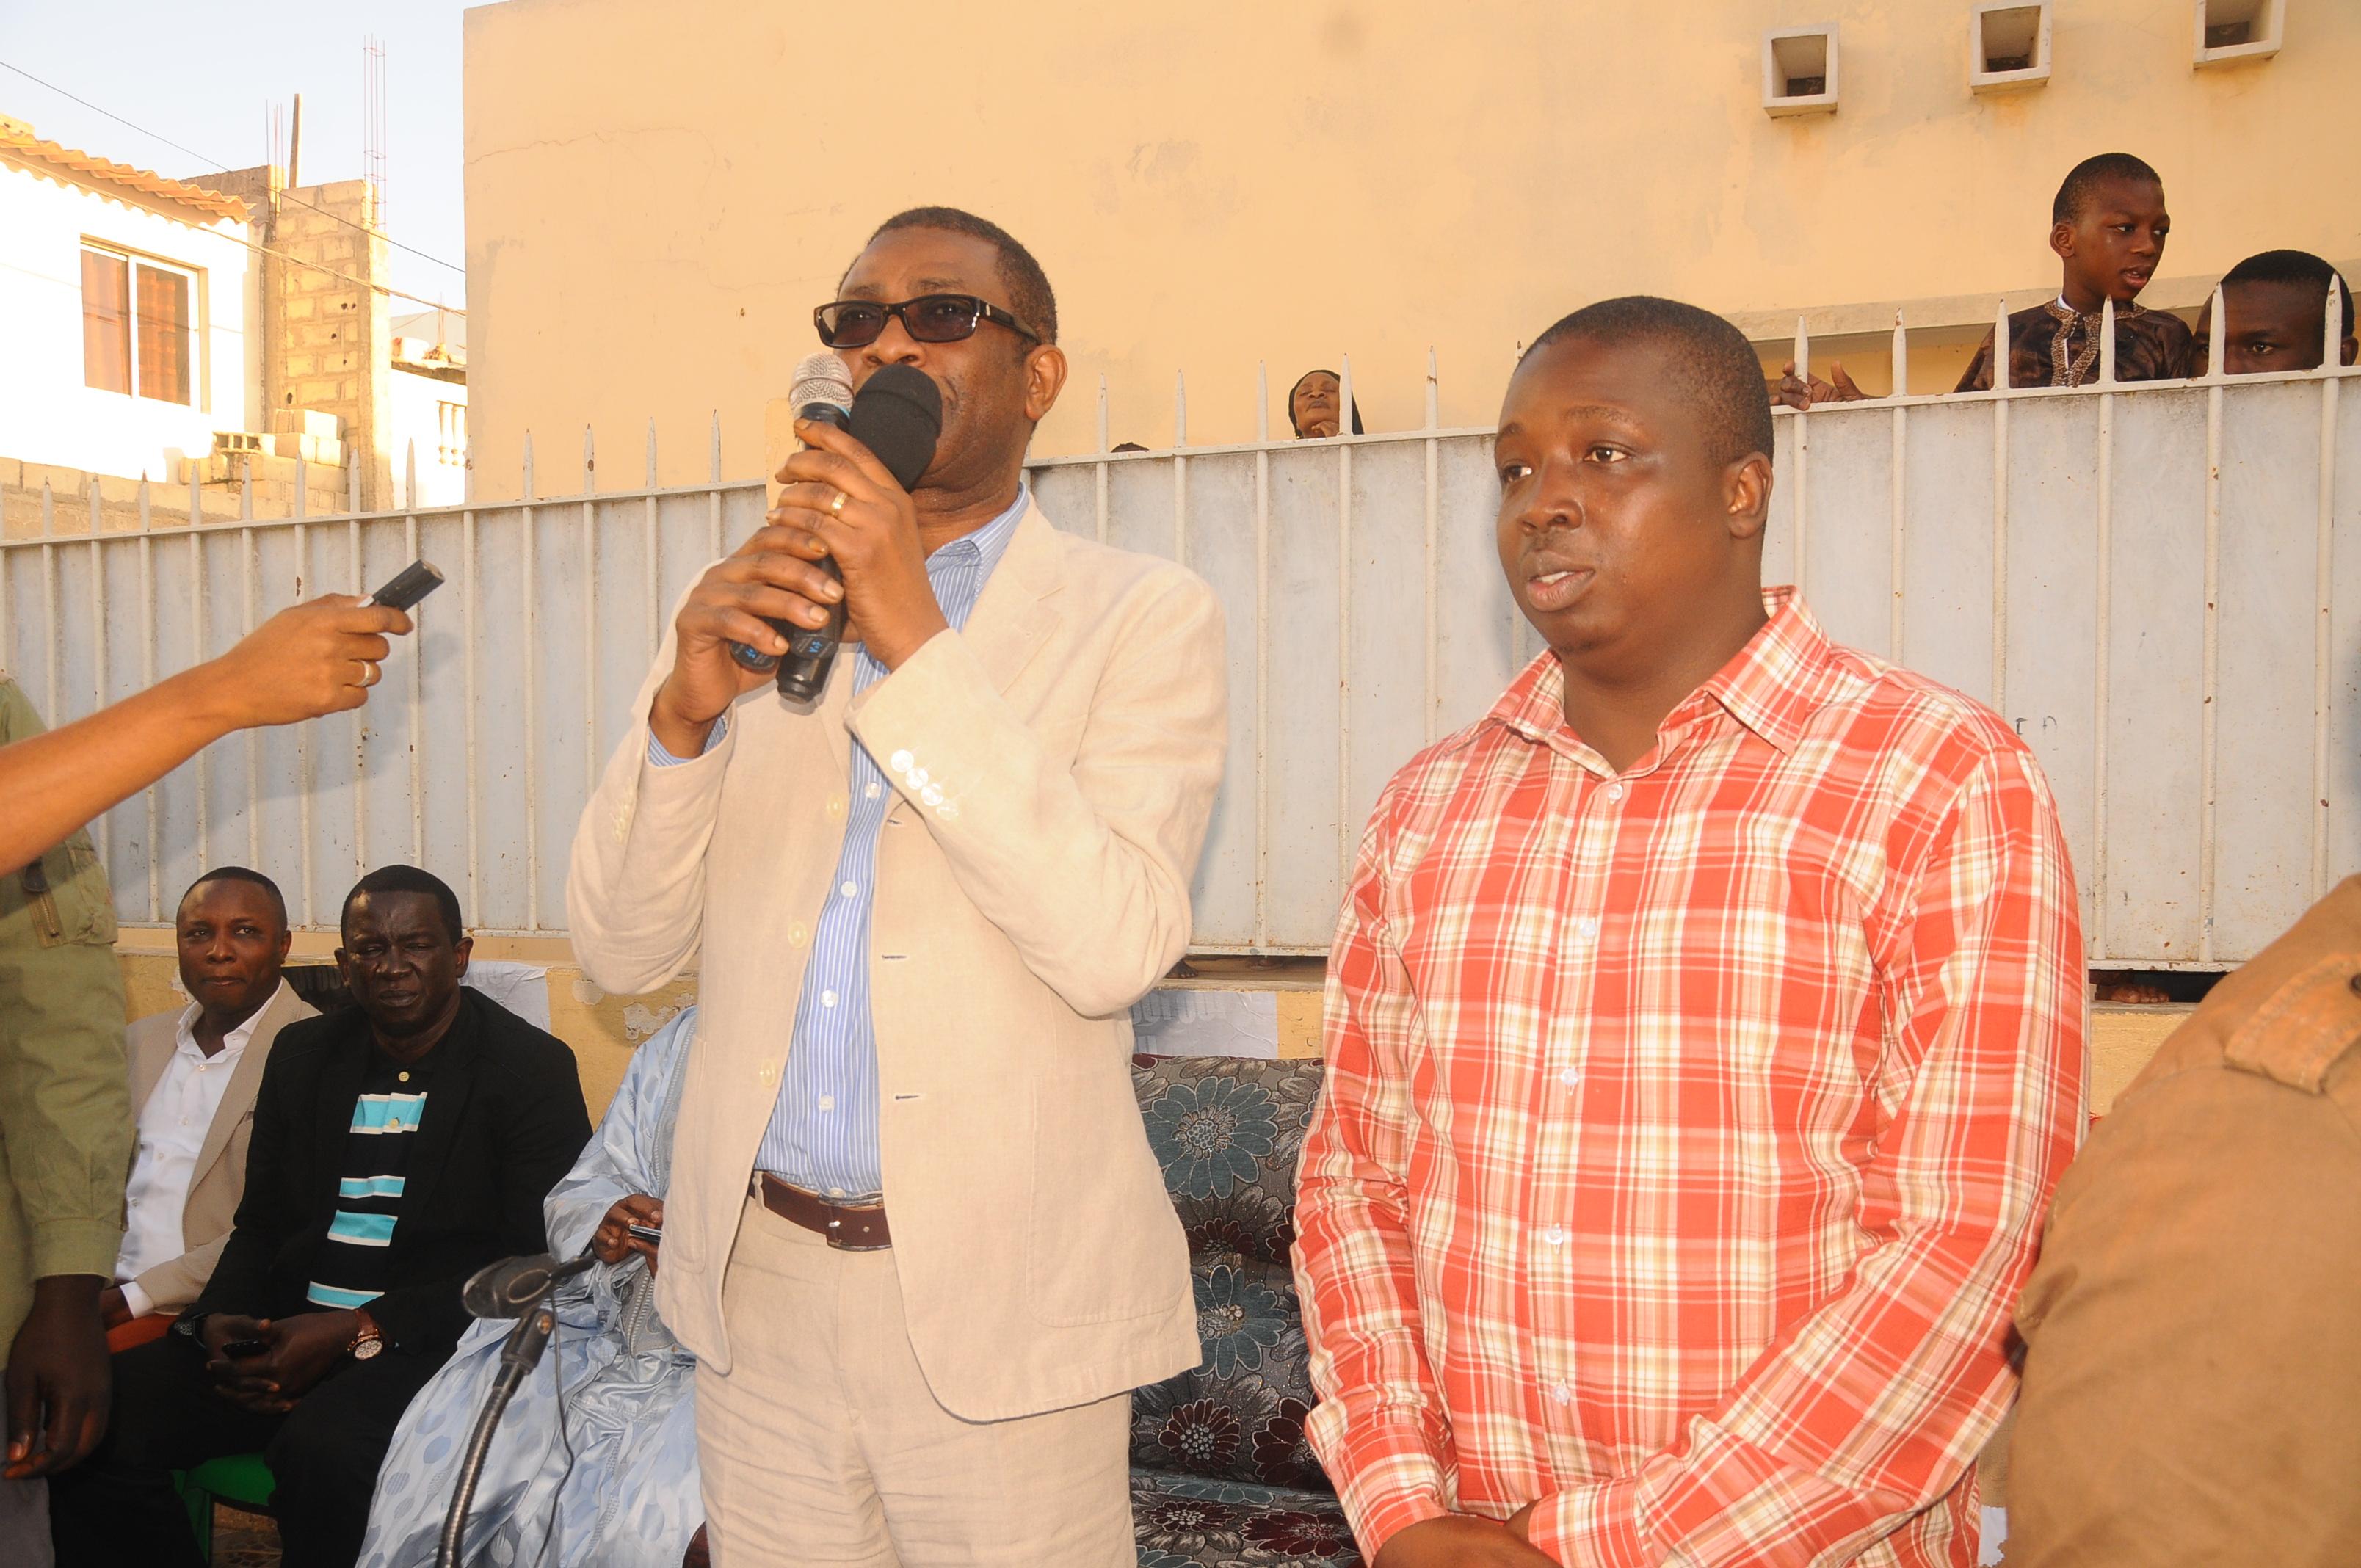 VISITE DU LEADER DE FEKKE MACI BOOLE AUX HLM : Youssou N'dour chez Pèdre N'diaye, le responsable des jeunes